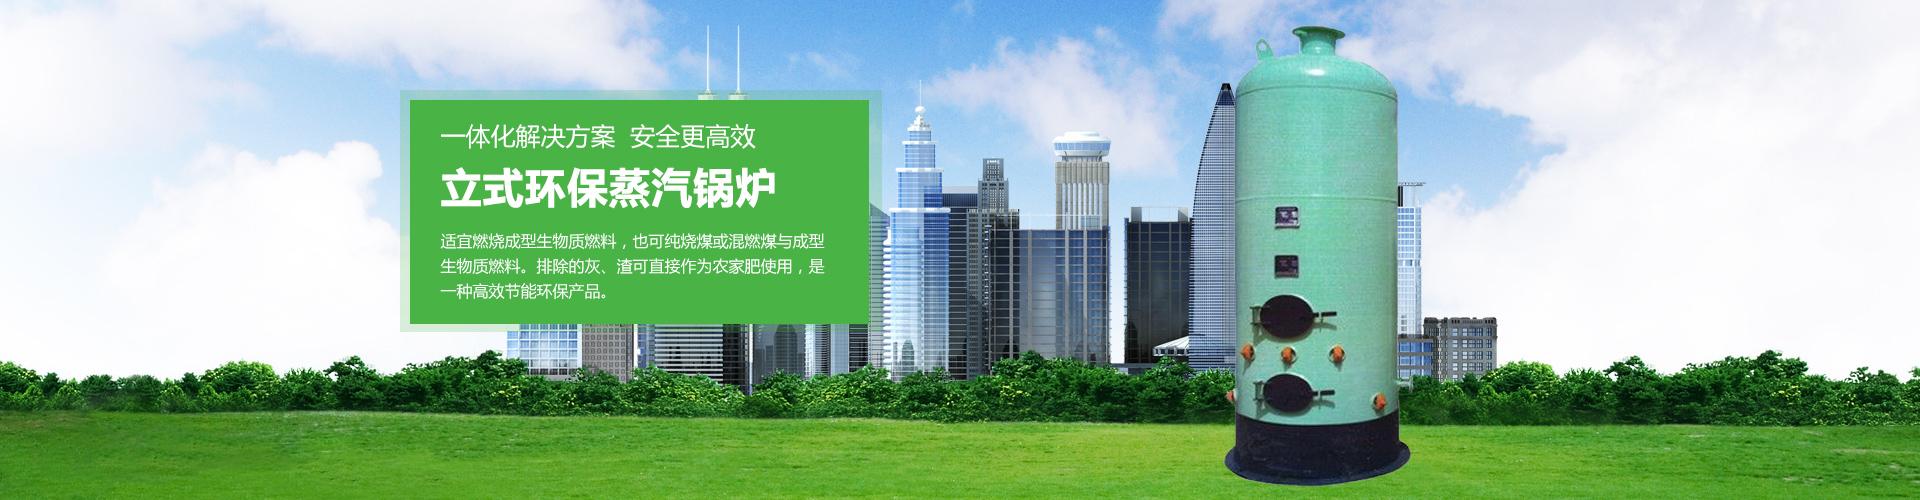 玉林节能锅炉,南宁热水锅炉,广西2020免费得微信红包活动